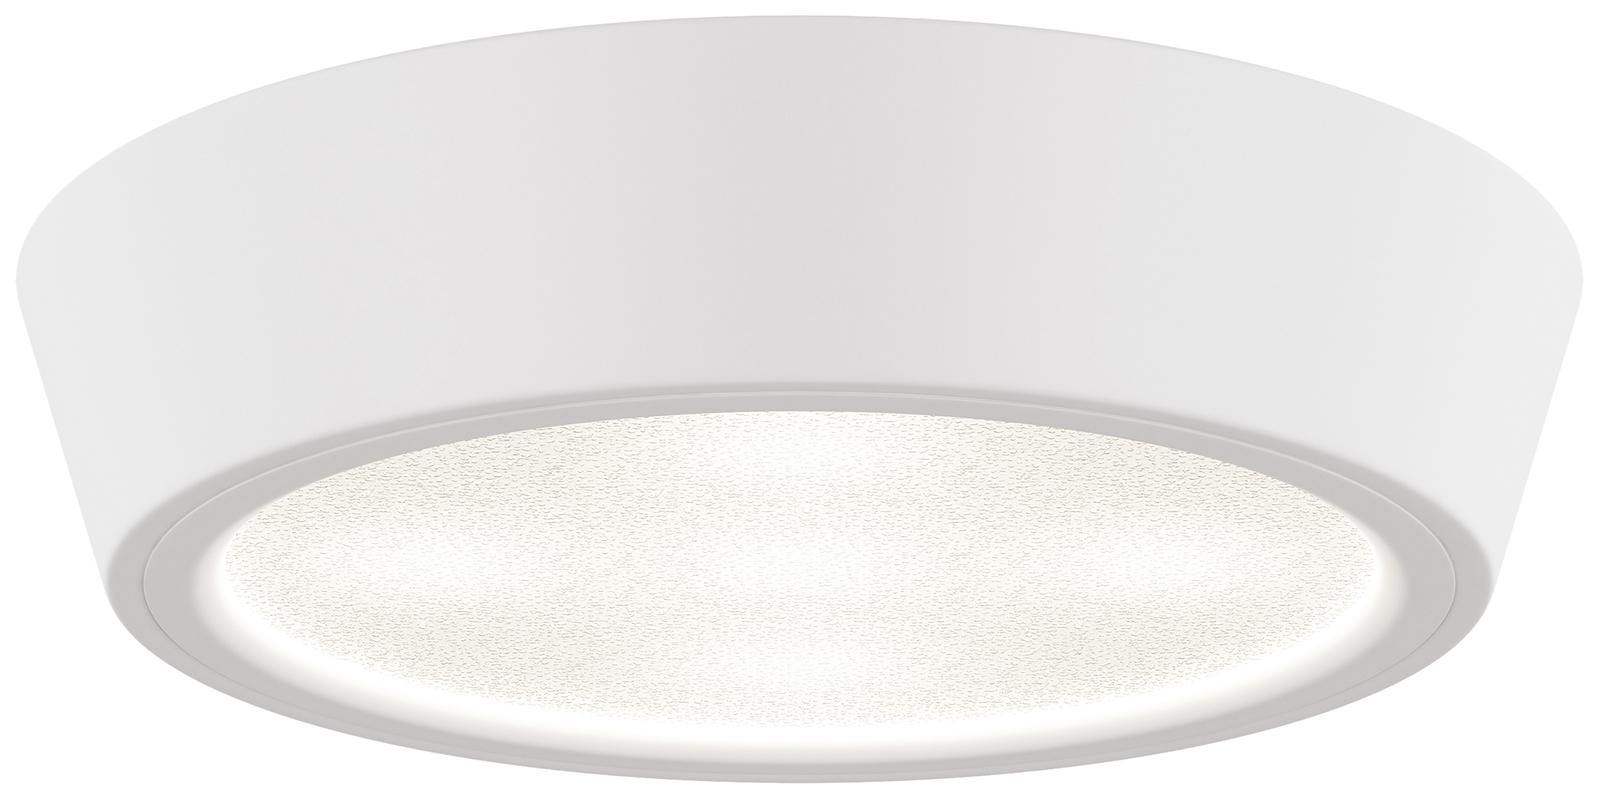 Светильник накладной влагозащищенный светодиодный Lightstar Urbano 214904 Белый